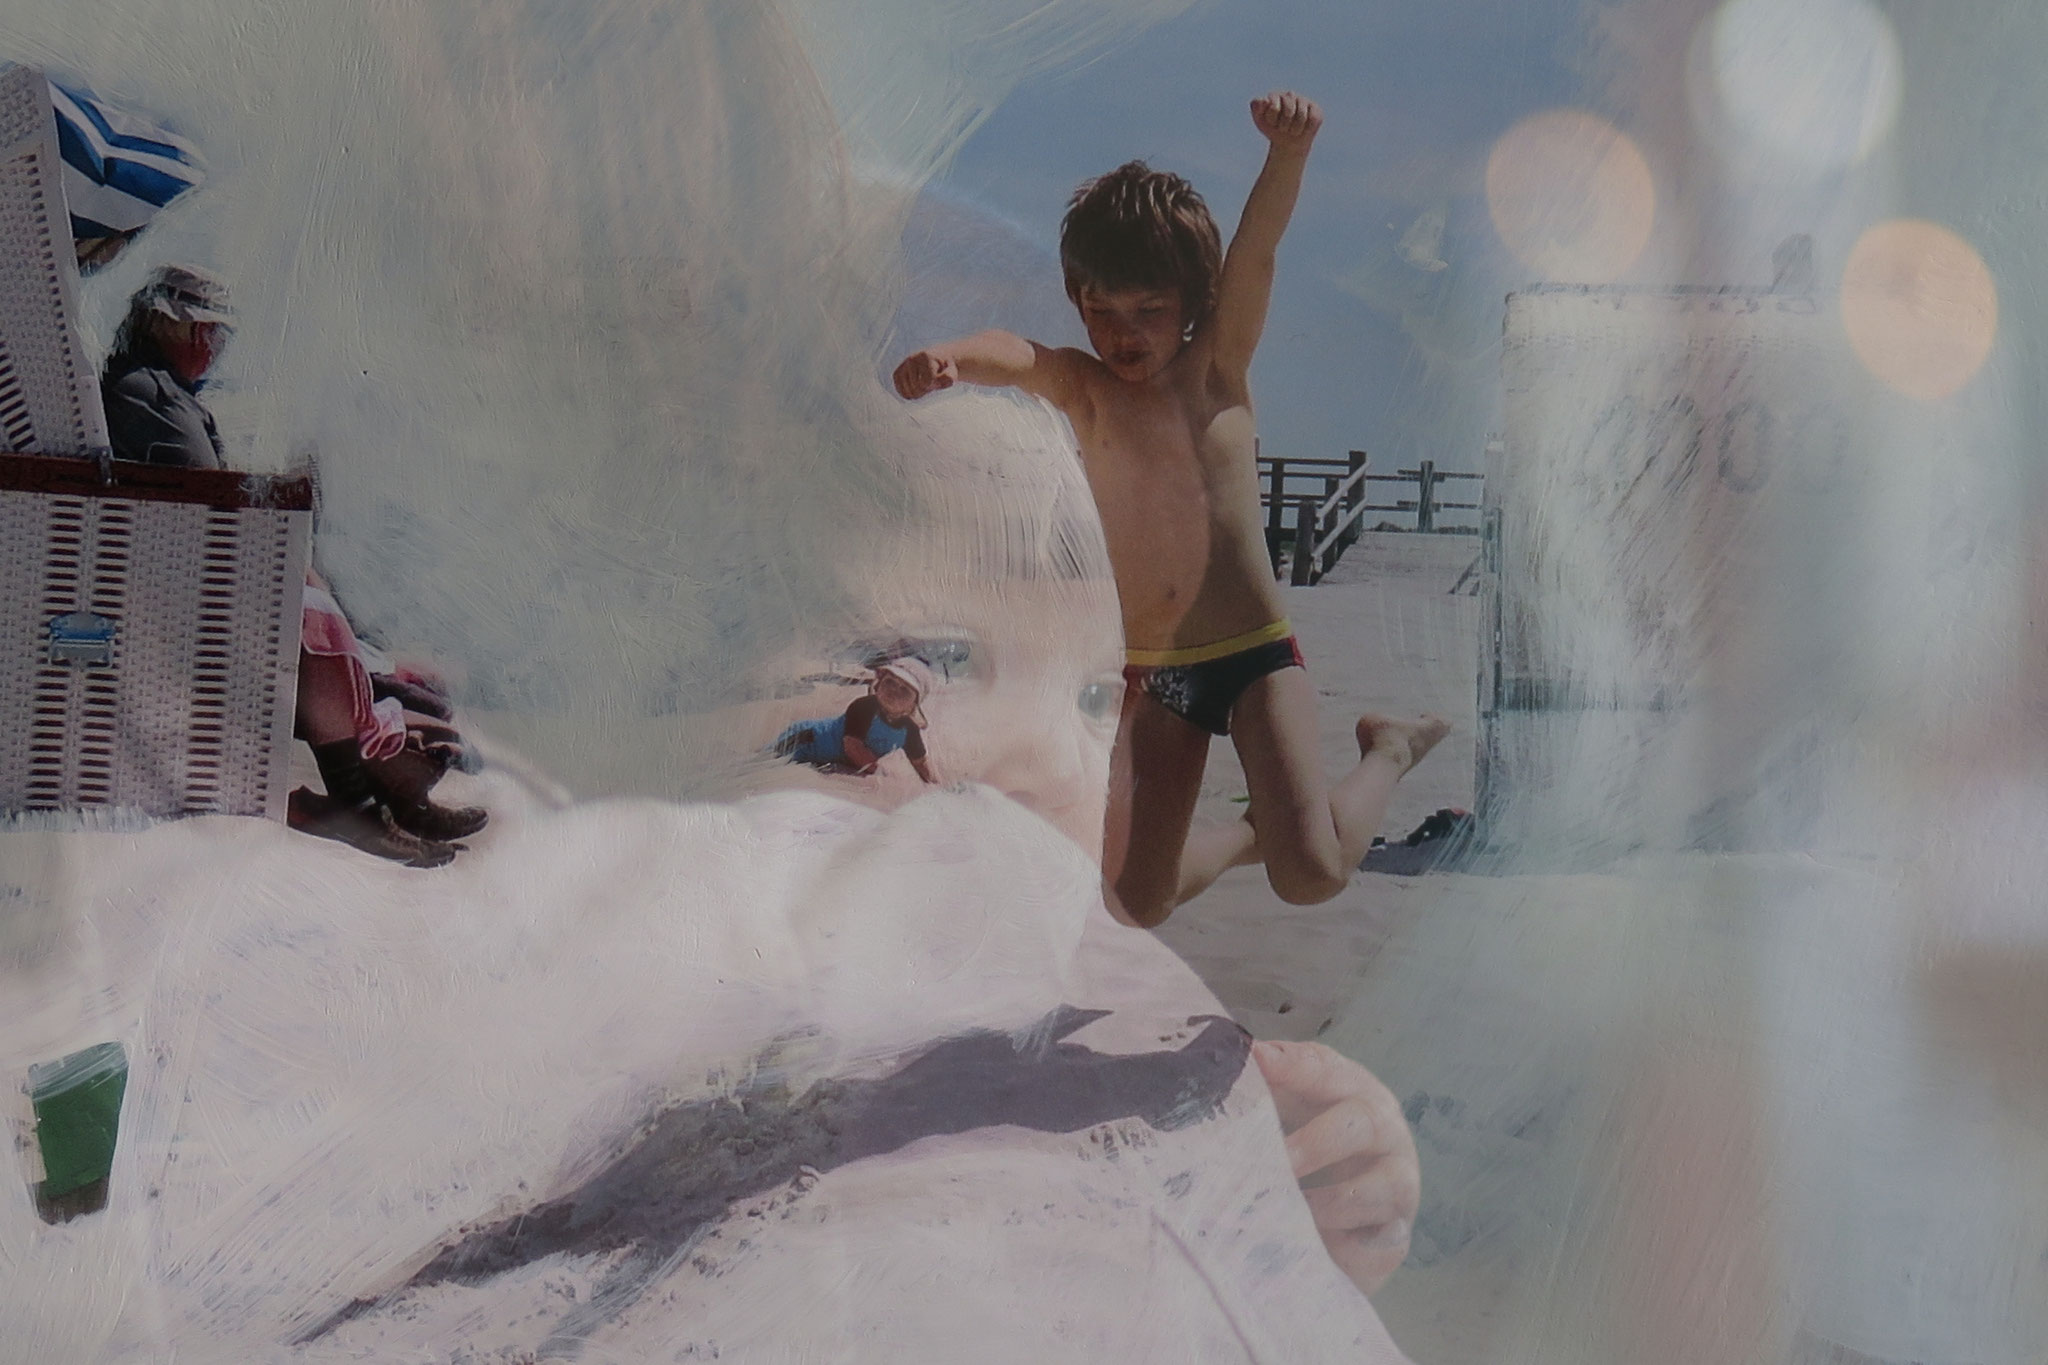 """""""Fast forward"""", digital geschichtete Fotografie, Acrylfarbe auf Foto, Ausstellung """"Fundamental Ephemeris"""""""